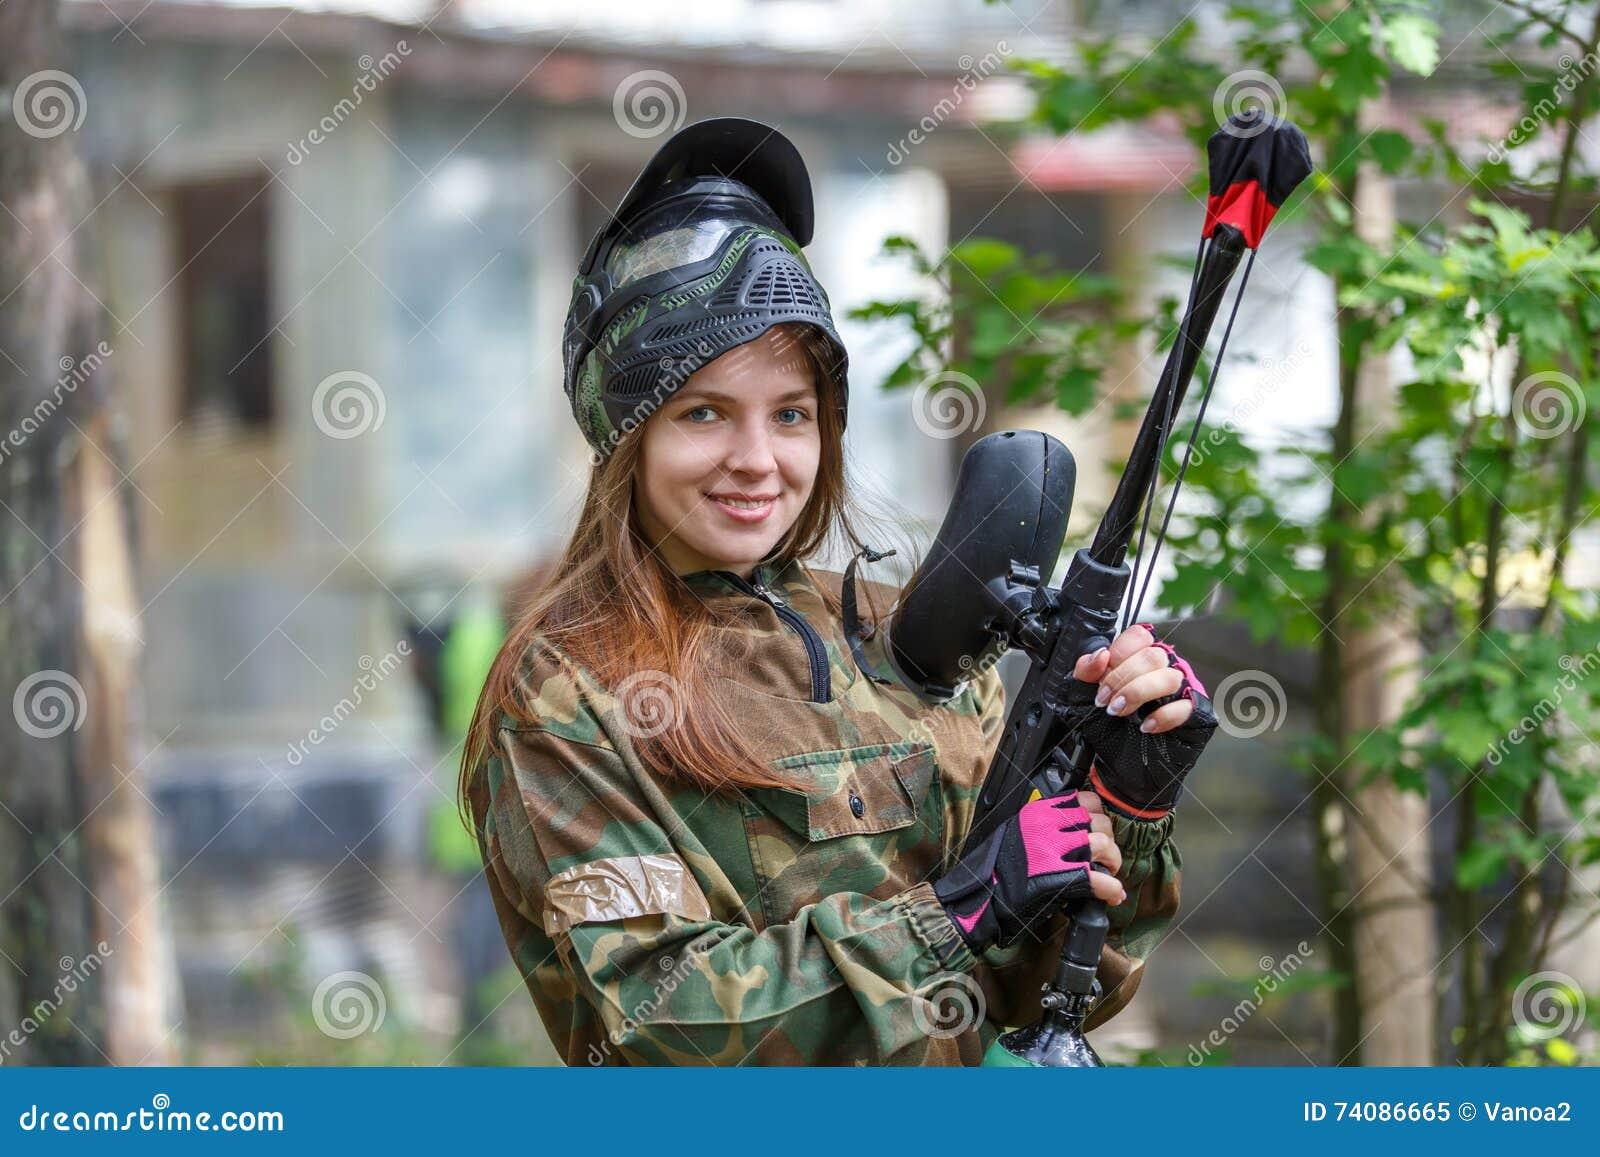 Beau modèle femelle posant dans des munitions de paintball dehors